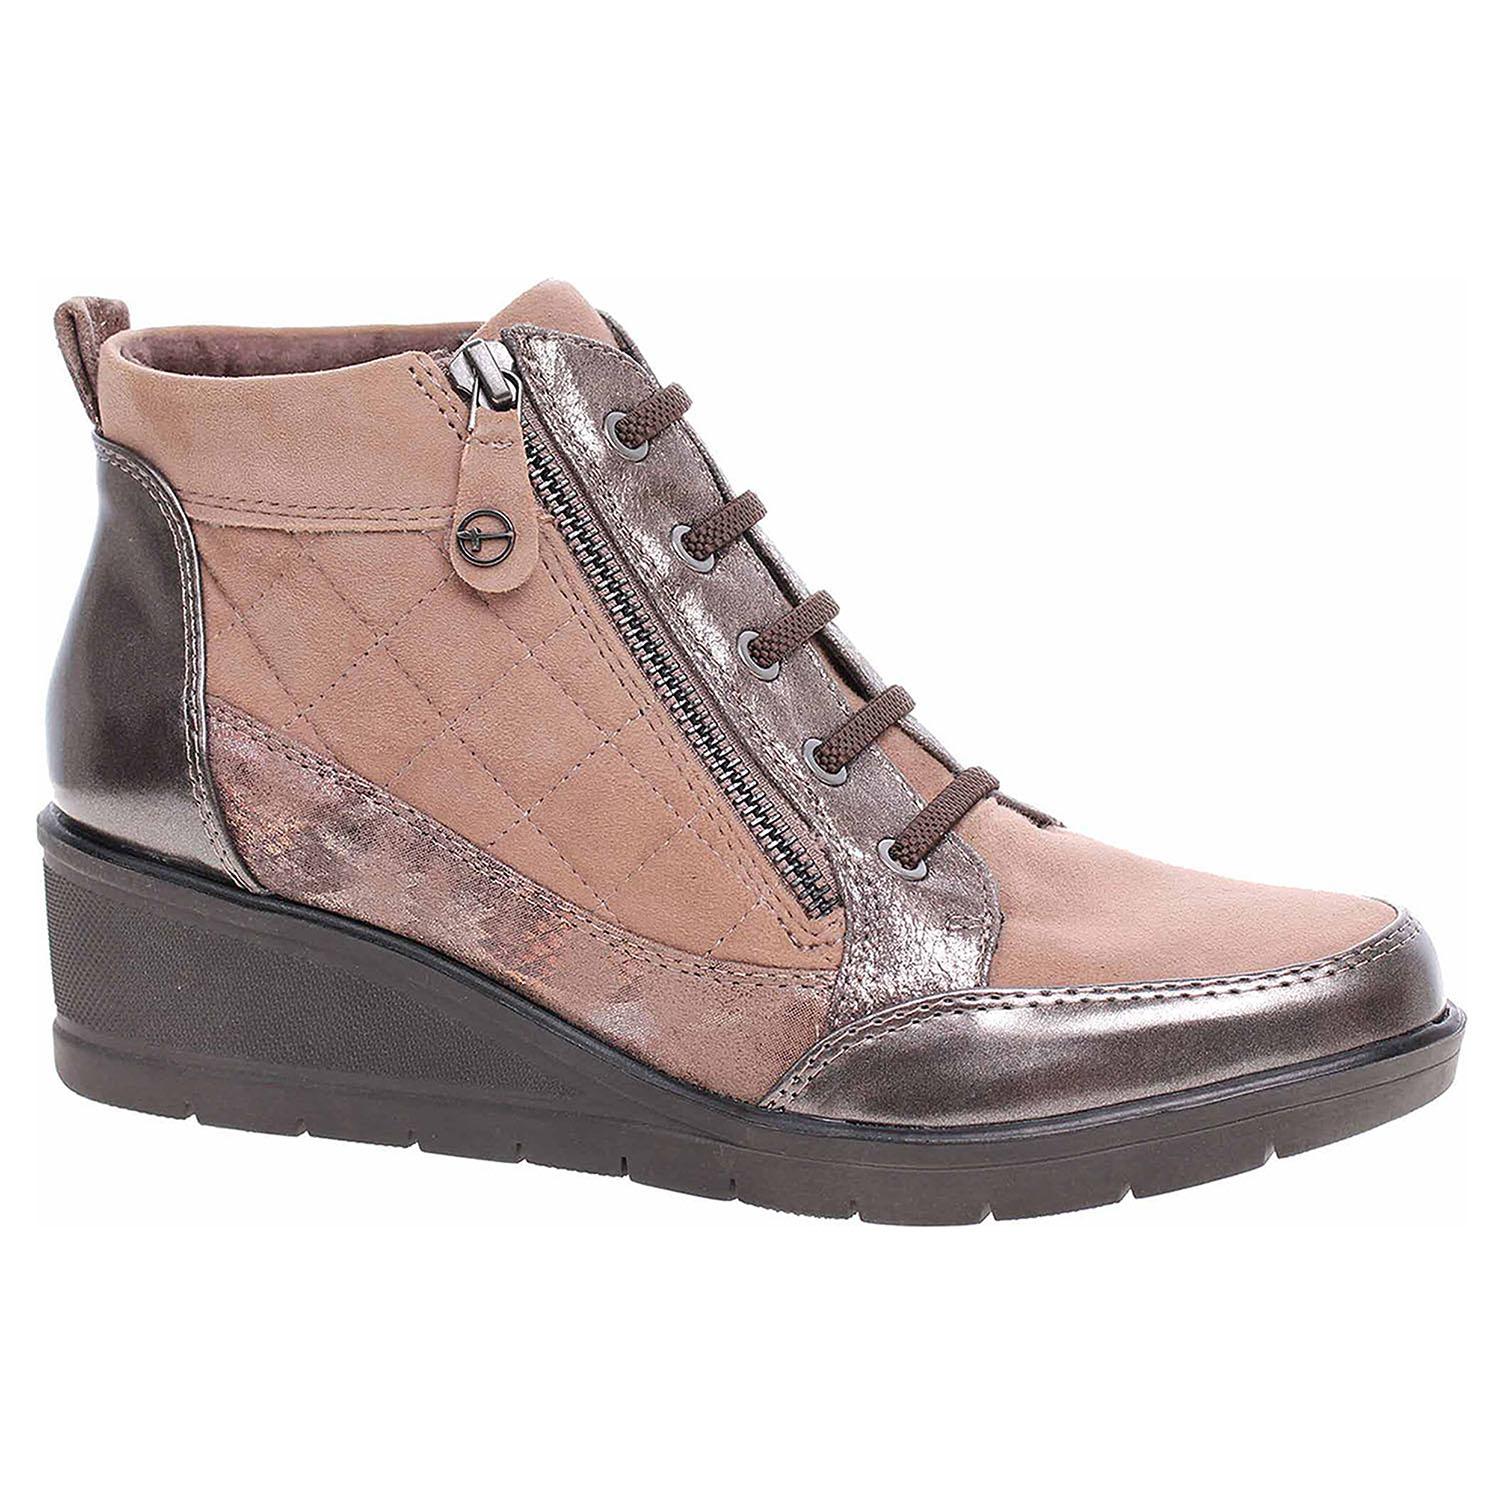 Dámská kotníková obuv Tamaris 1-25224-21 taupe comb 1-1-25224-21 344 39